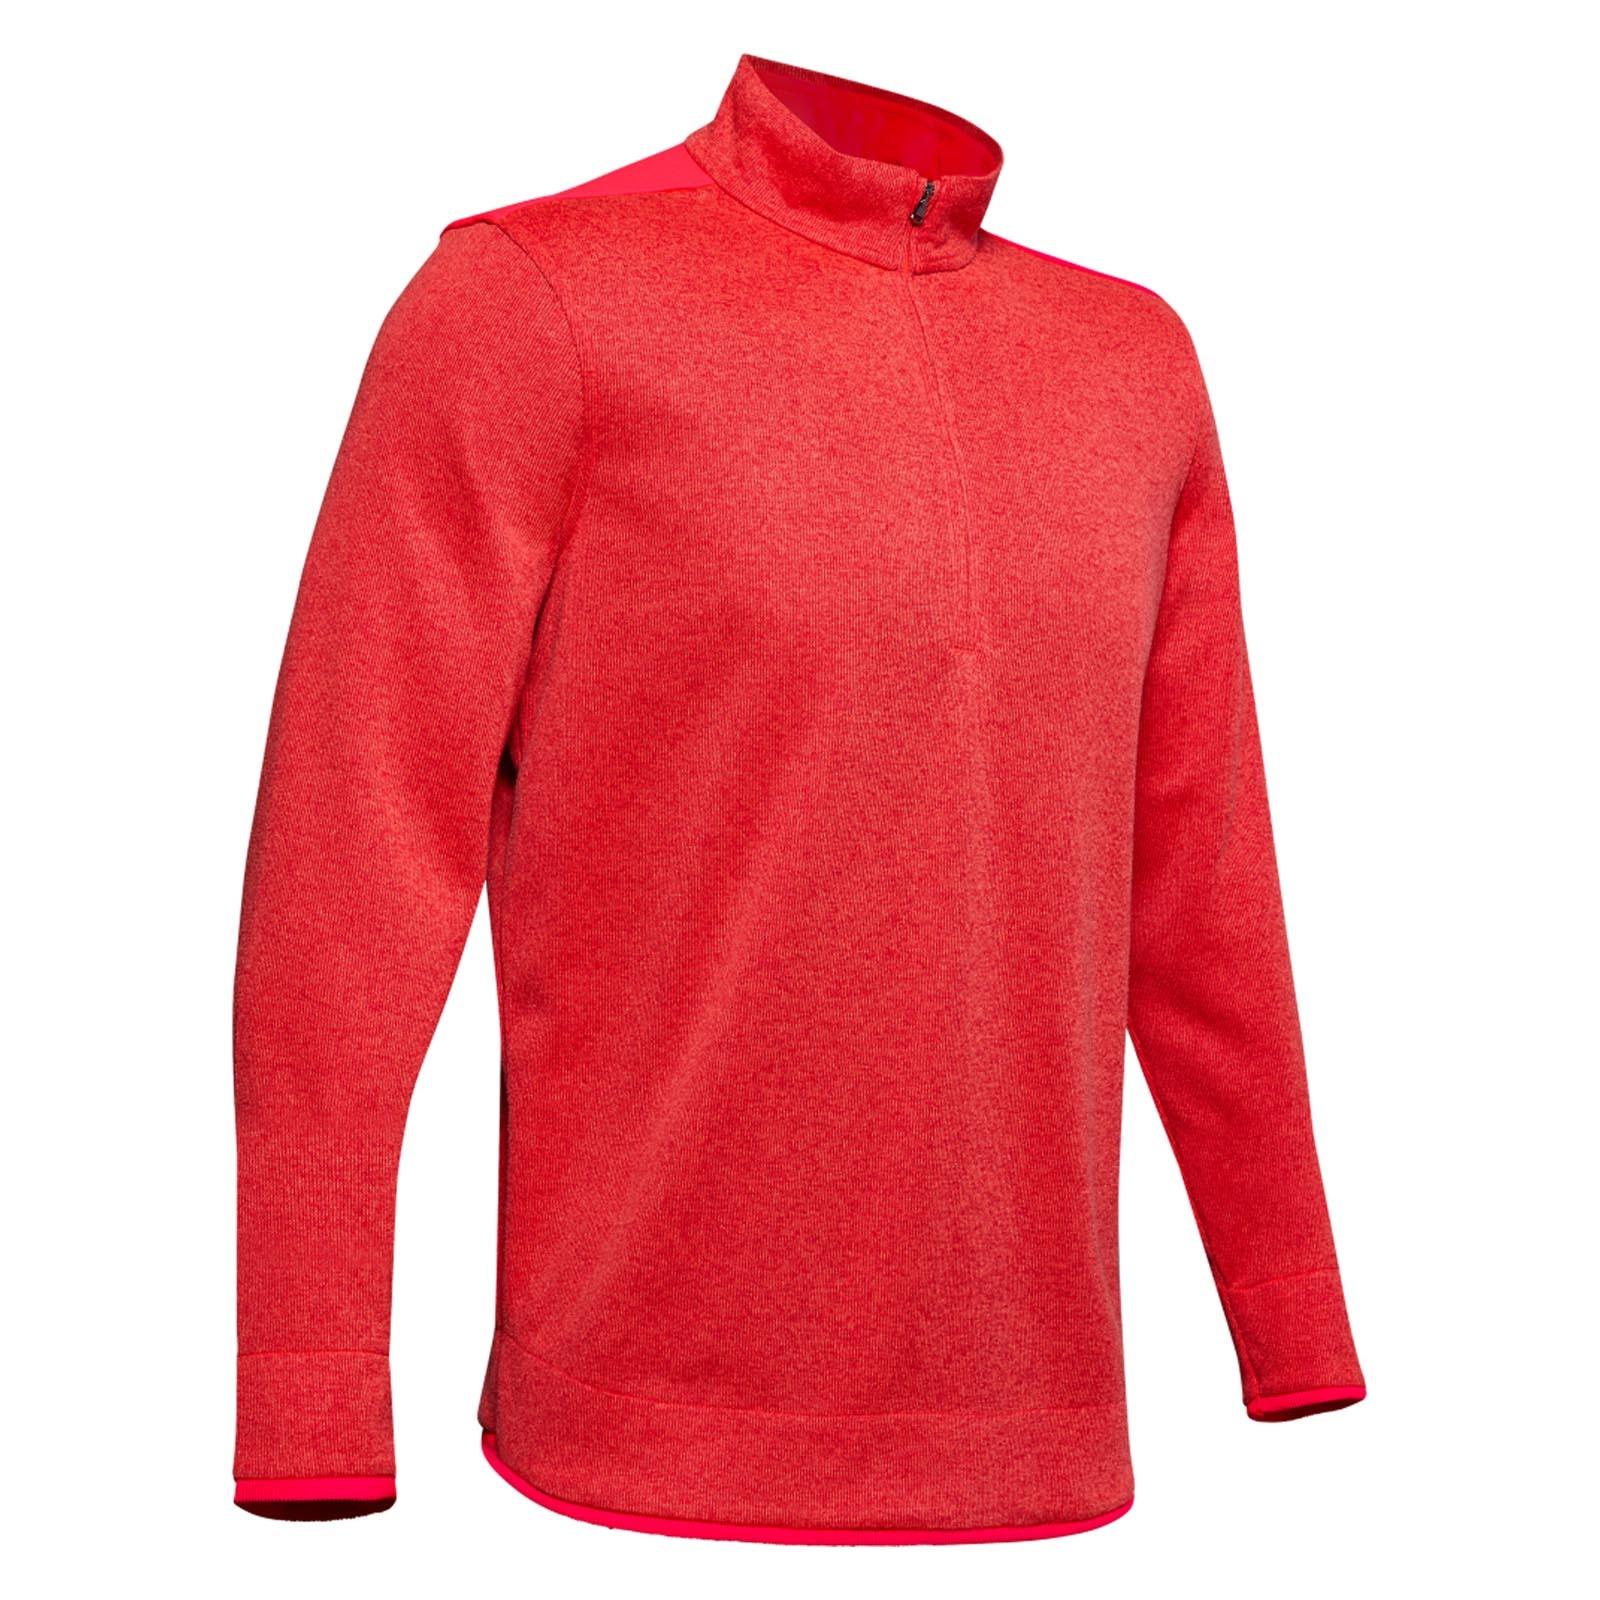 Under Armour Sweaterfleece 1/2 Zip